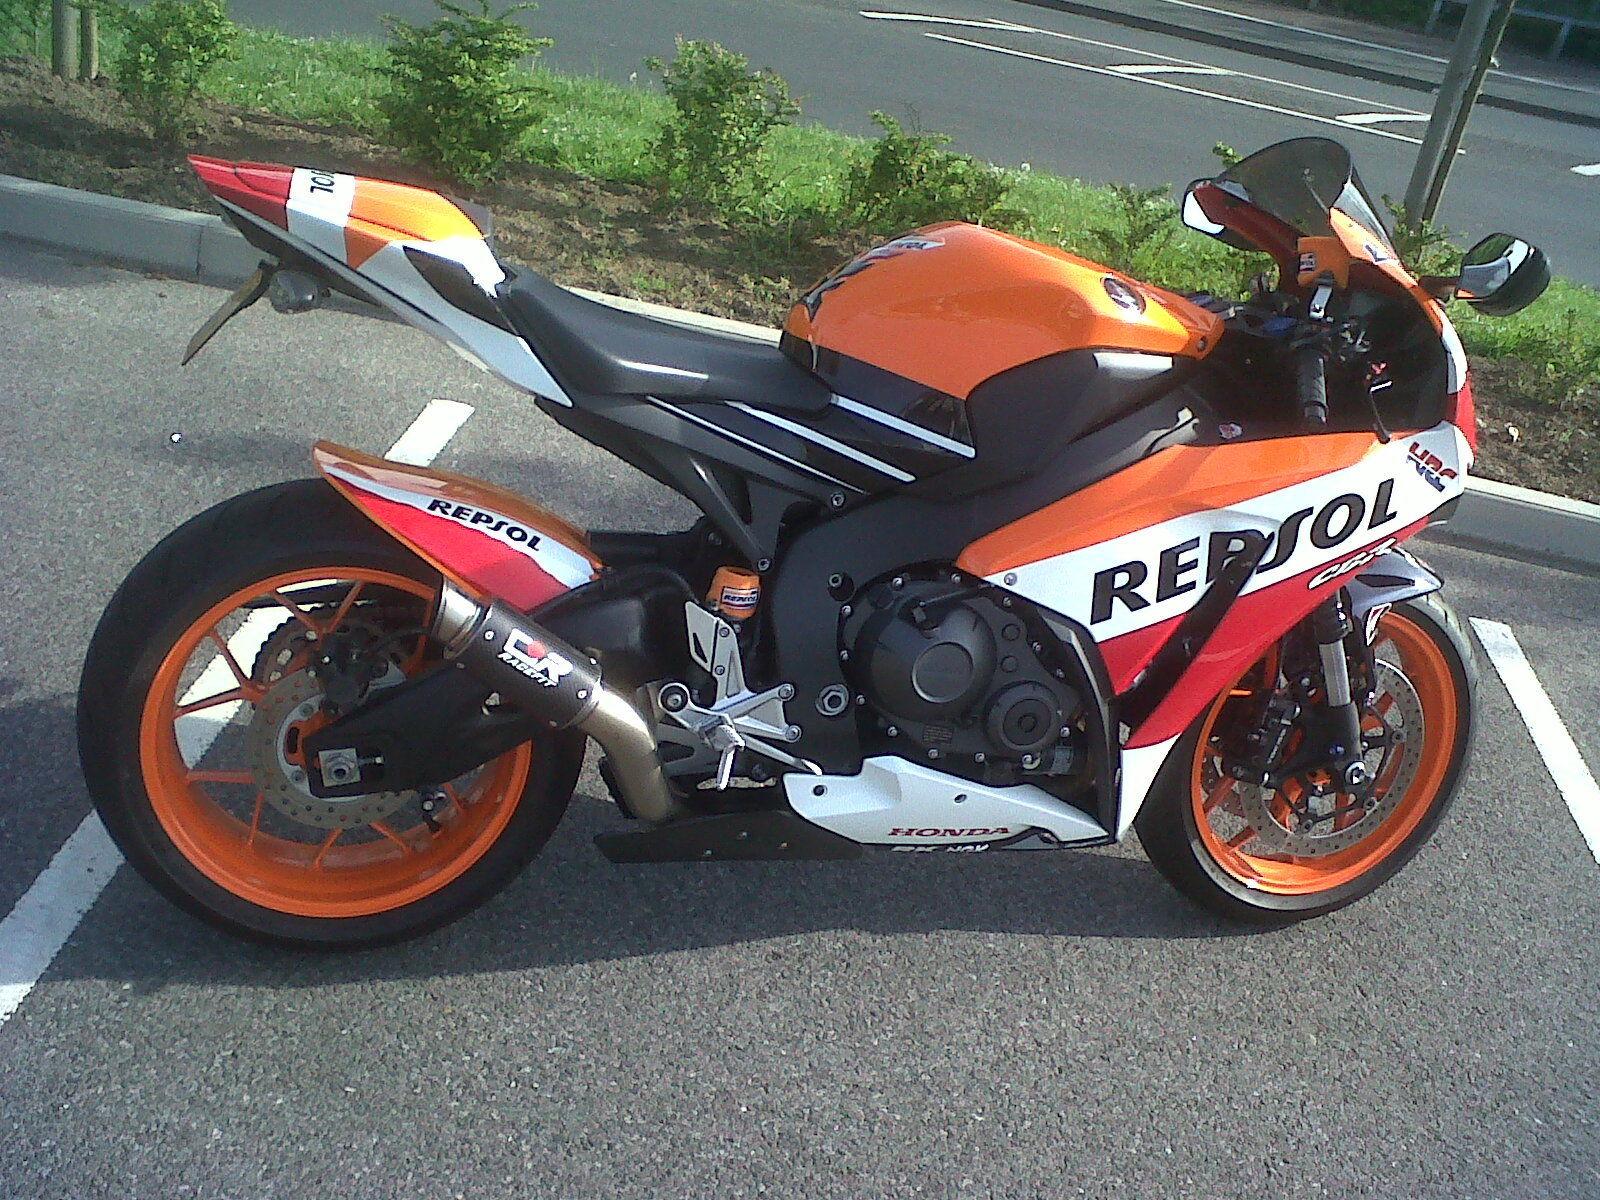 2013 Honda Cbr1000rr Fireblade Repsol Honda Marquez